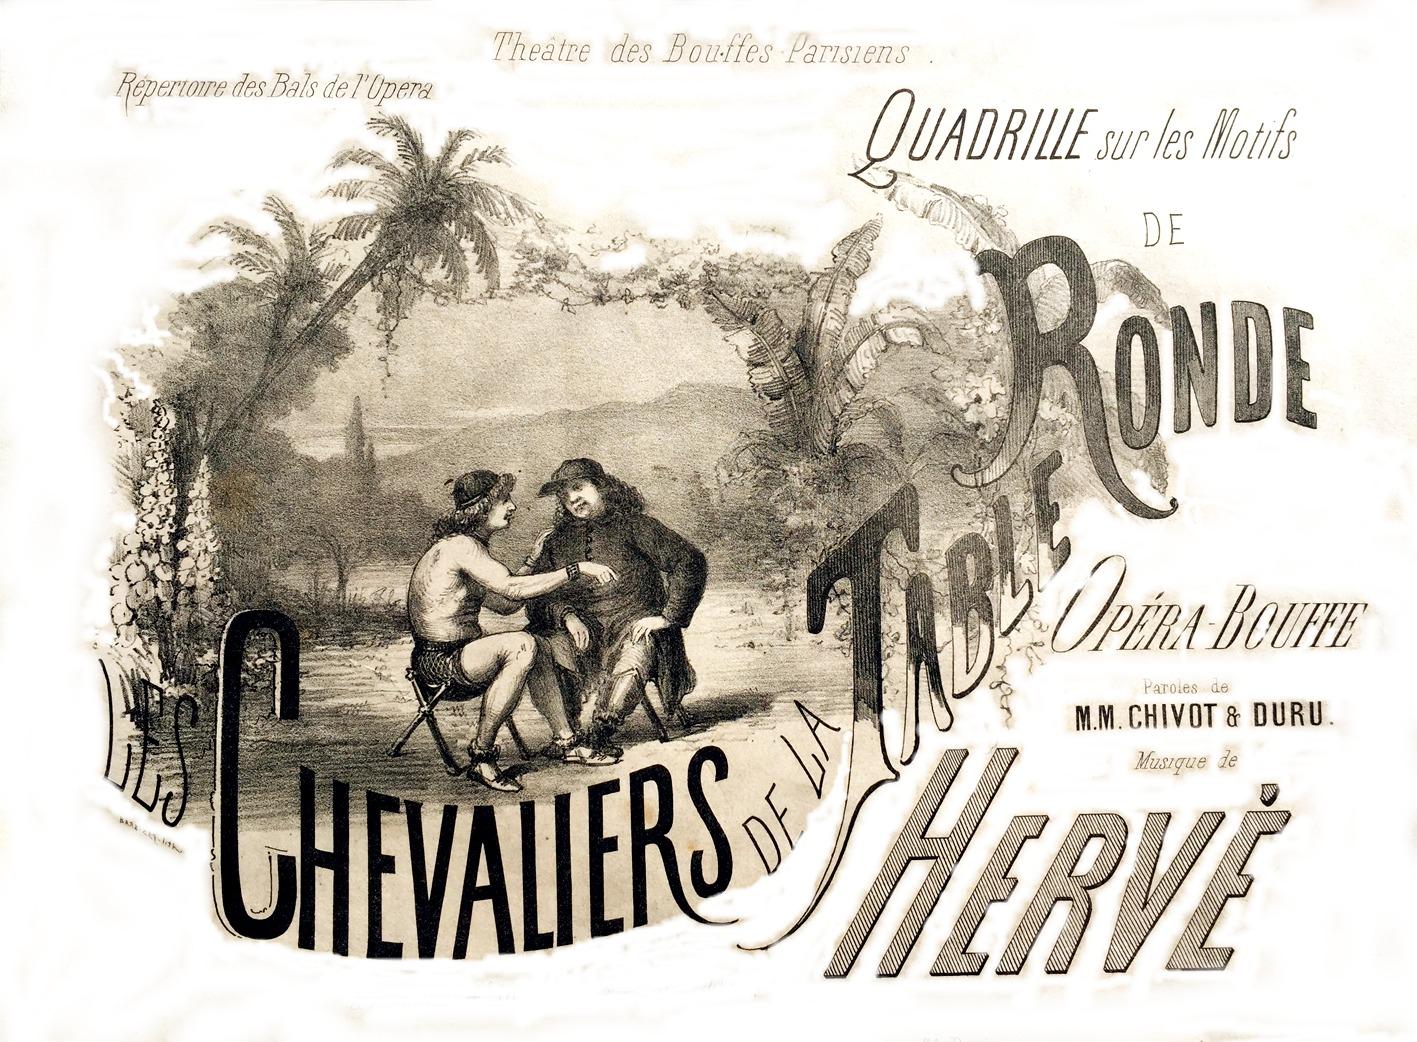 Herv op rette th tre musical - Les chevaliers de la table ronde chanson ...